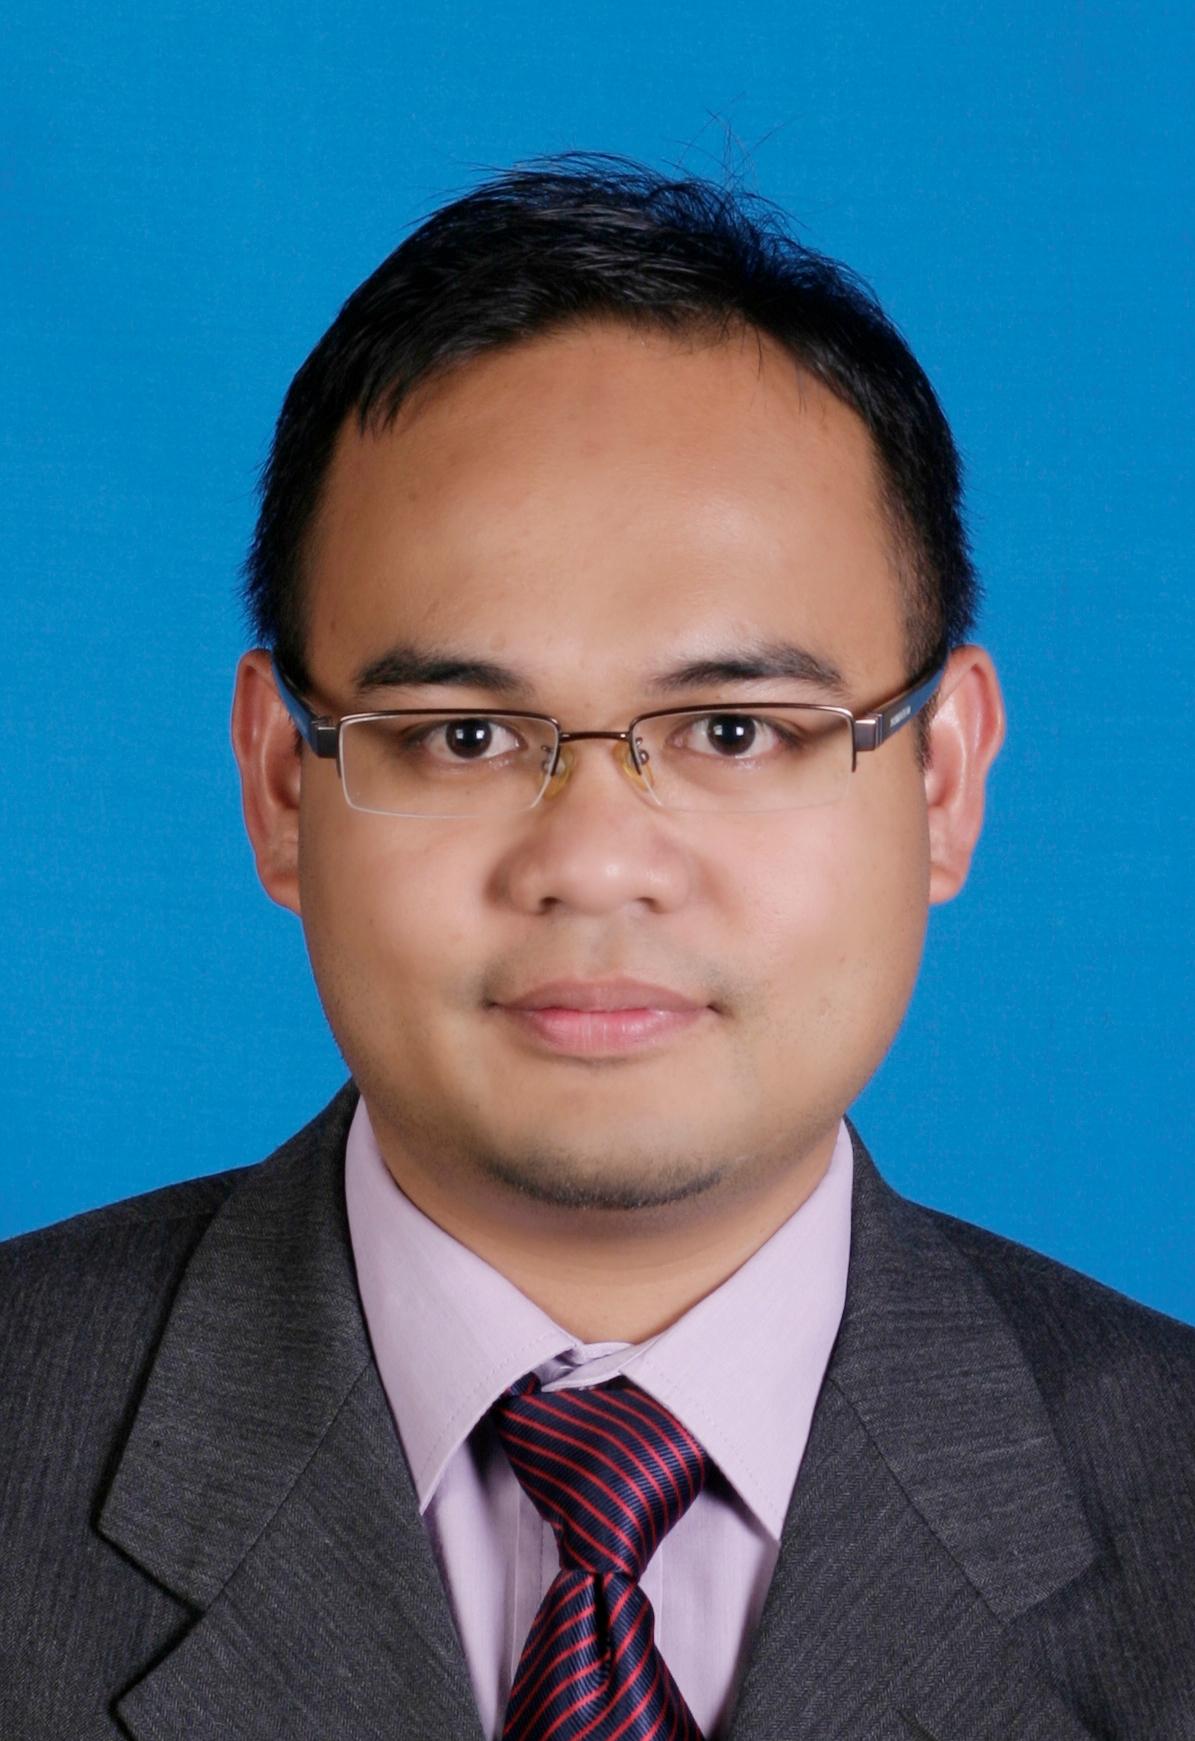 Sarajul Fikri Bin Mohamed